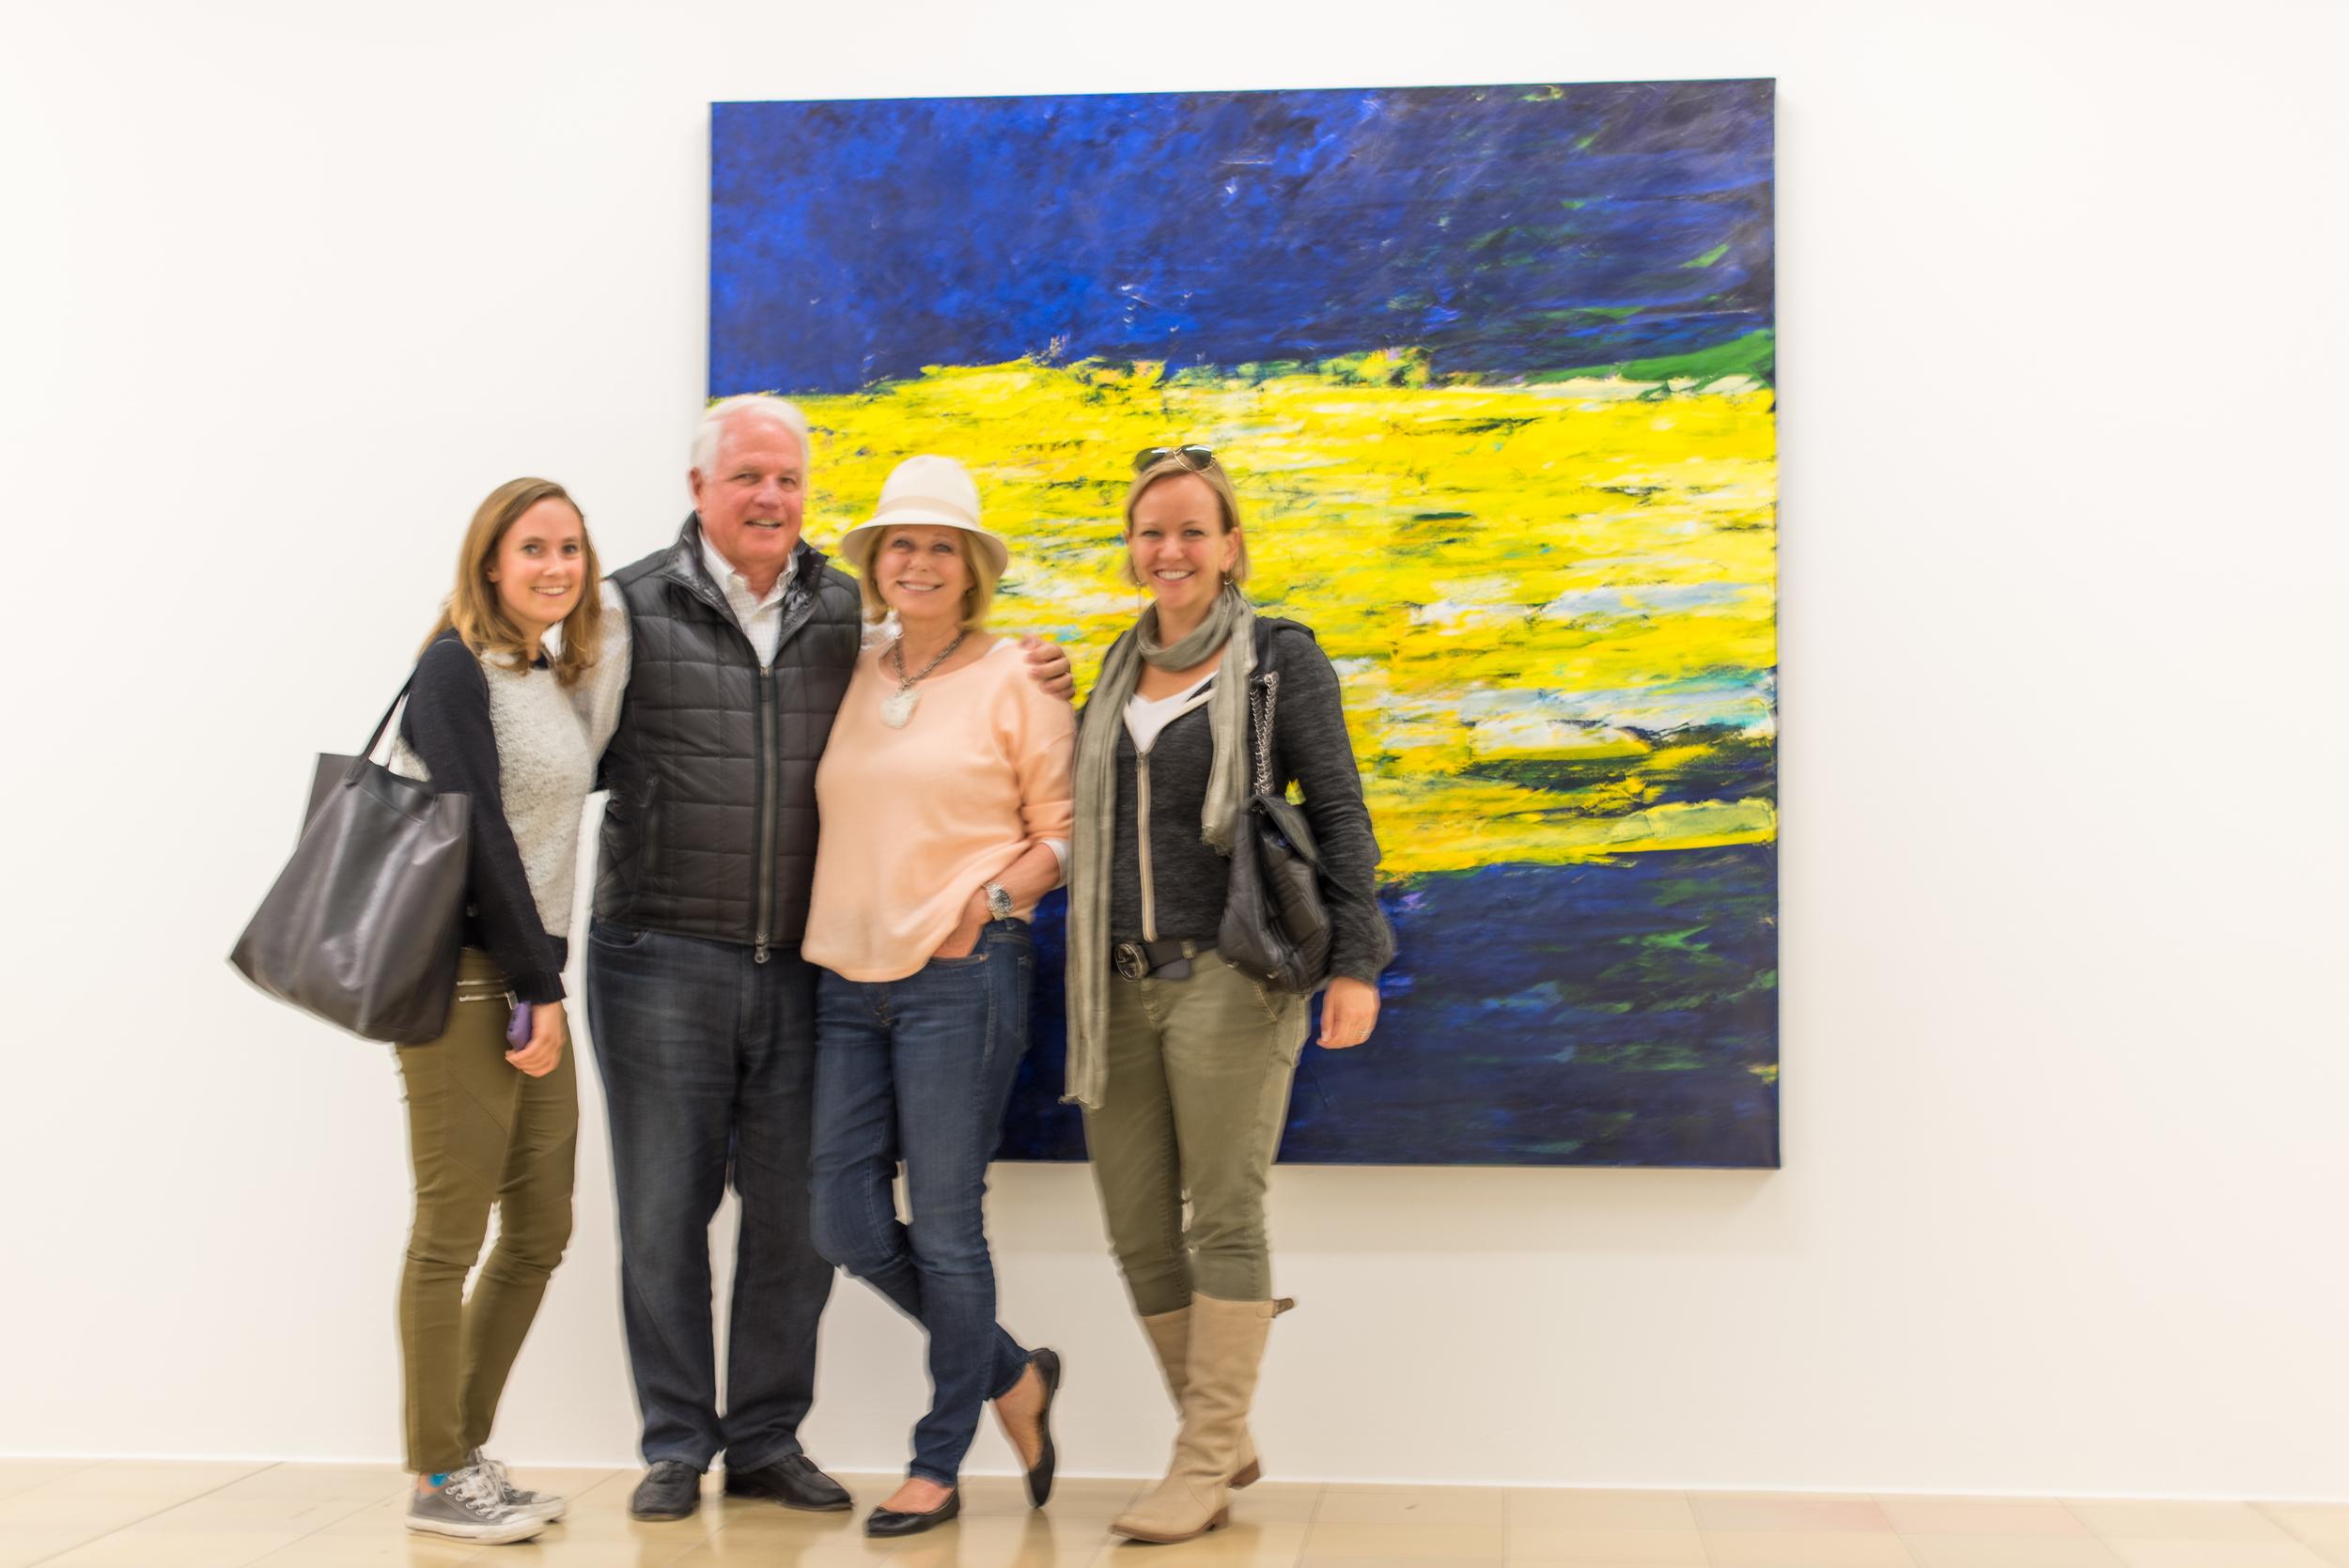 Amy Brownstein, Jim Swartz, Susan Swartz, and Robin Marrouche